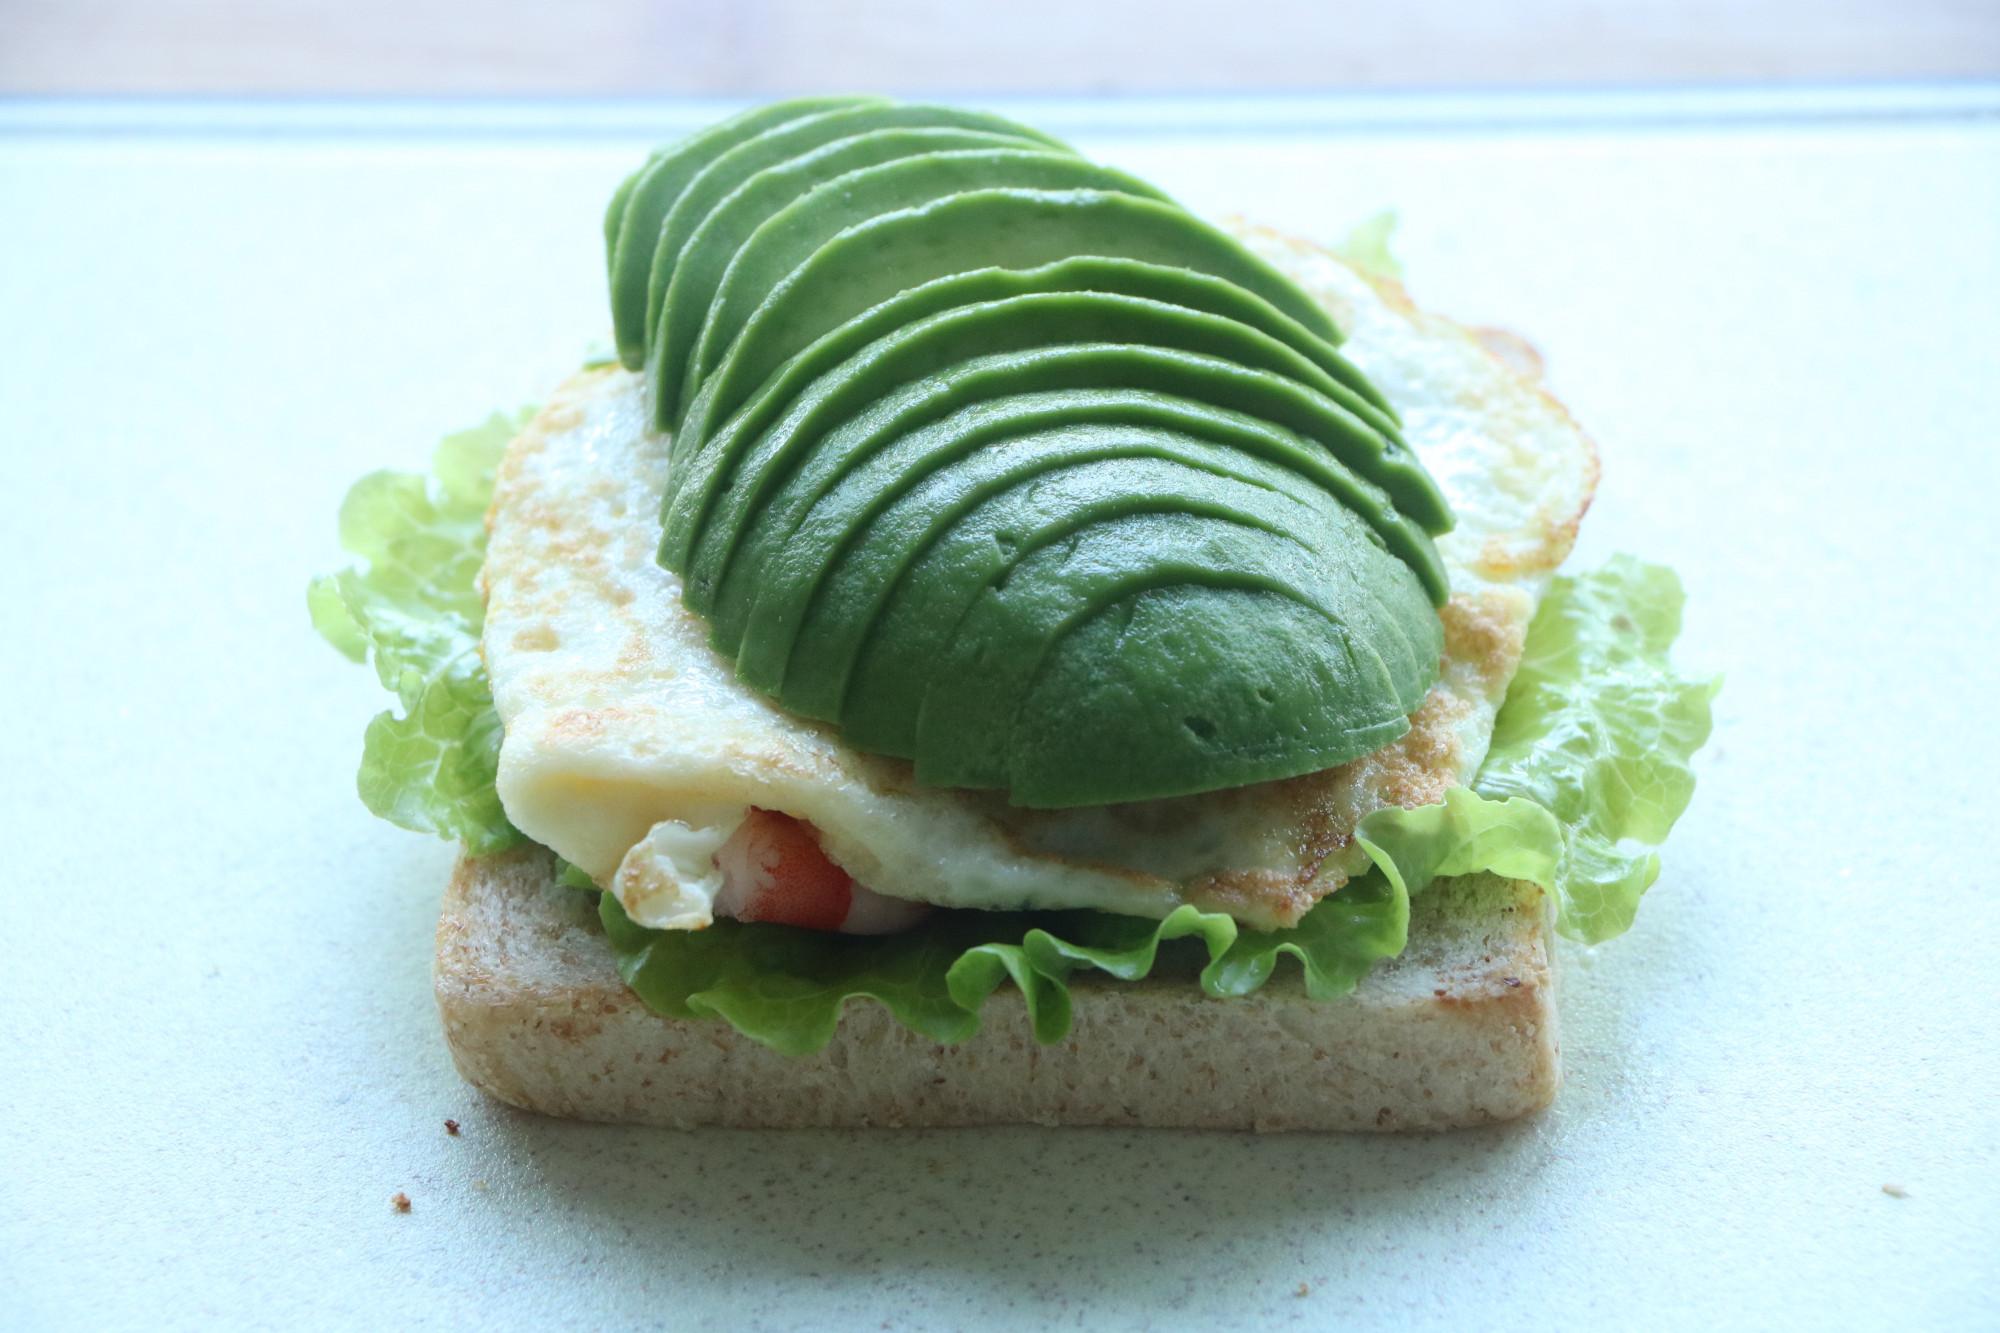 必吃的3款高蛋白三明治,低油低糖,原汁原味,超健康,別錯過哦